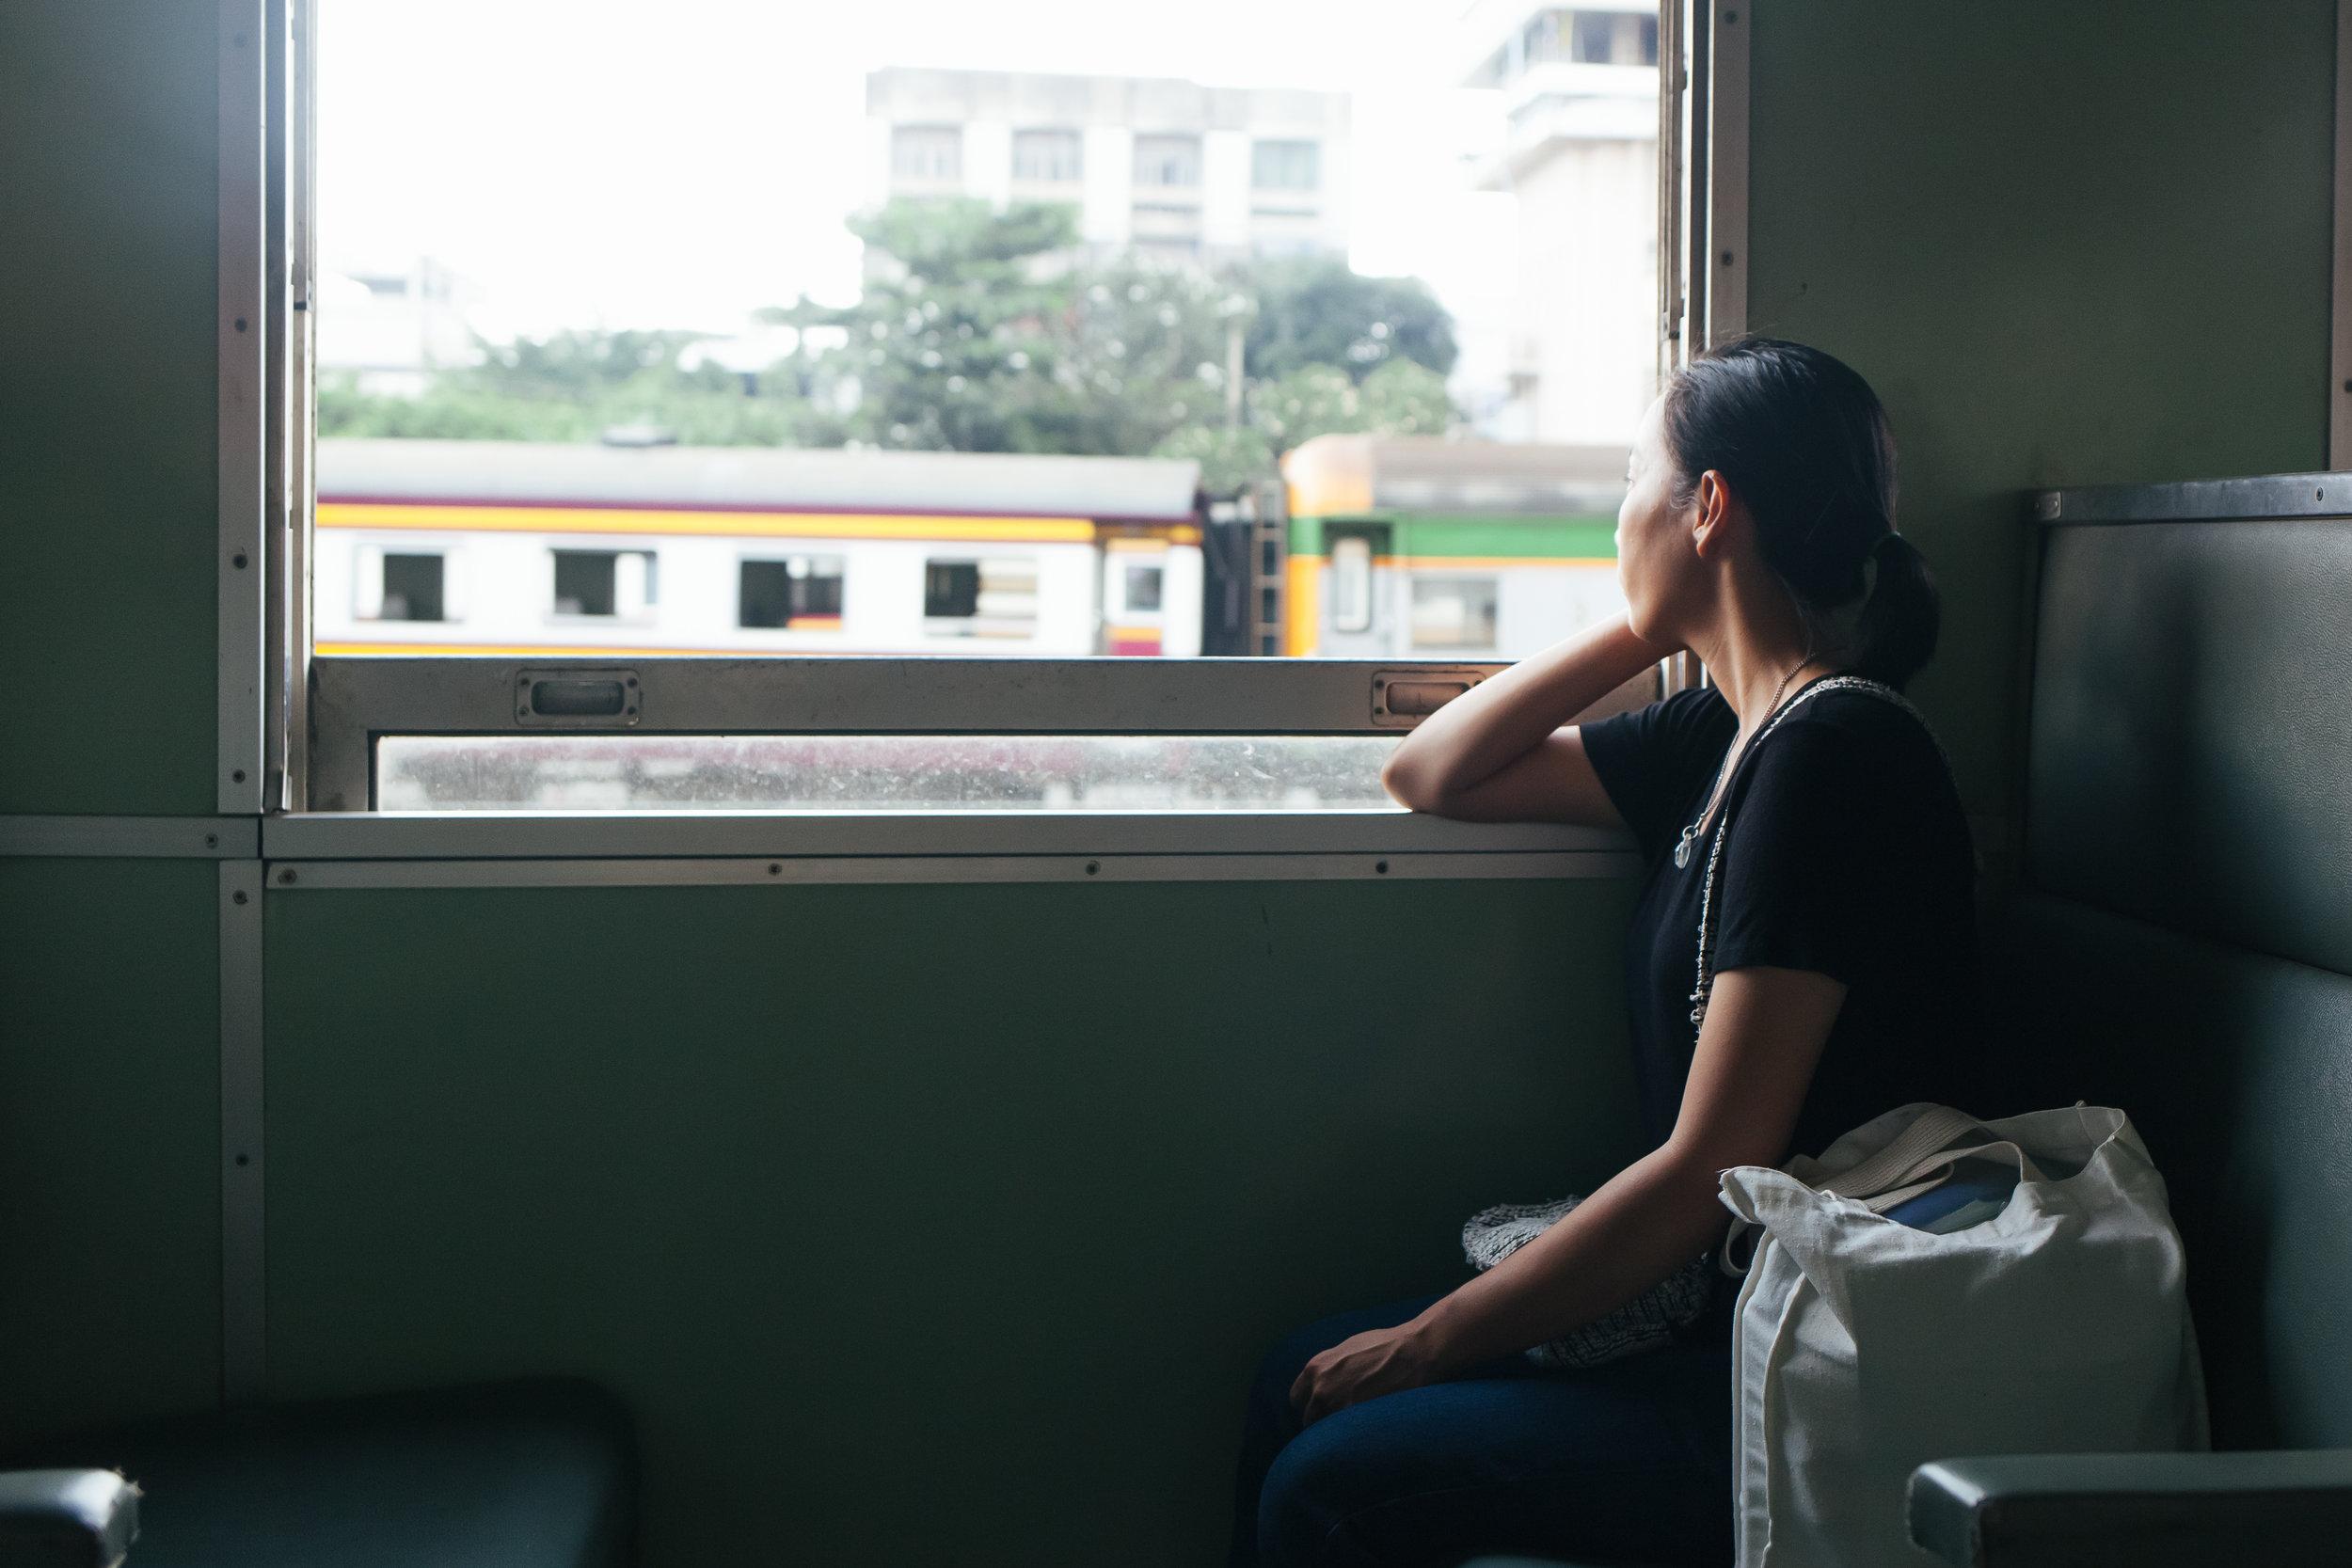 thailand_lampang_ayuthaya_train (65 of 77).jpg